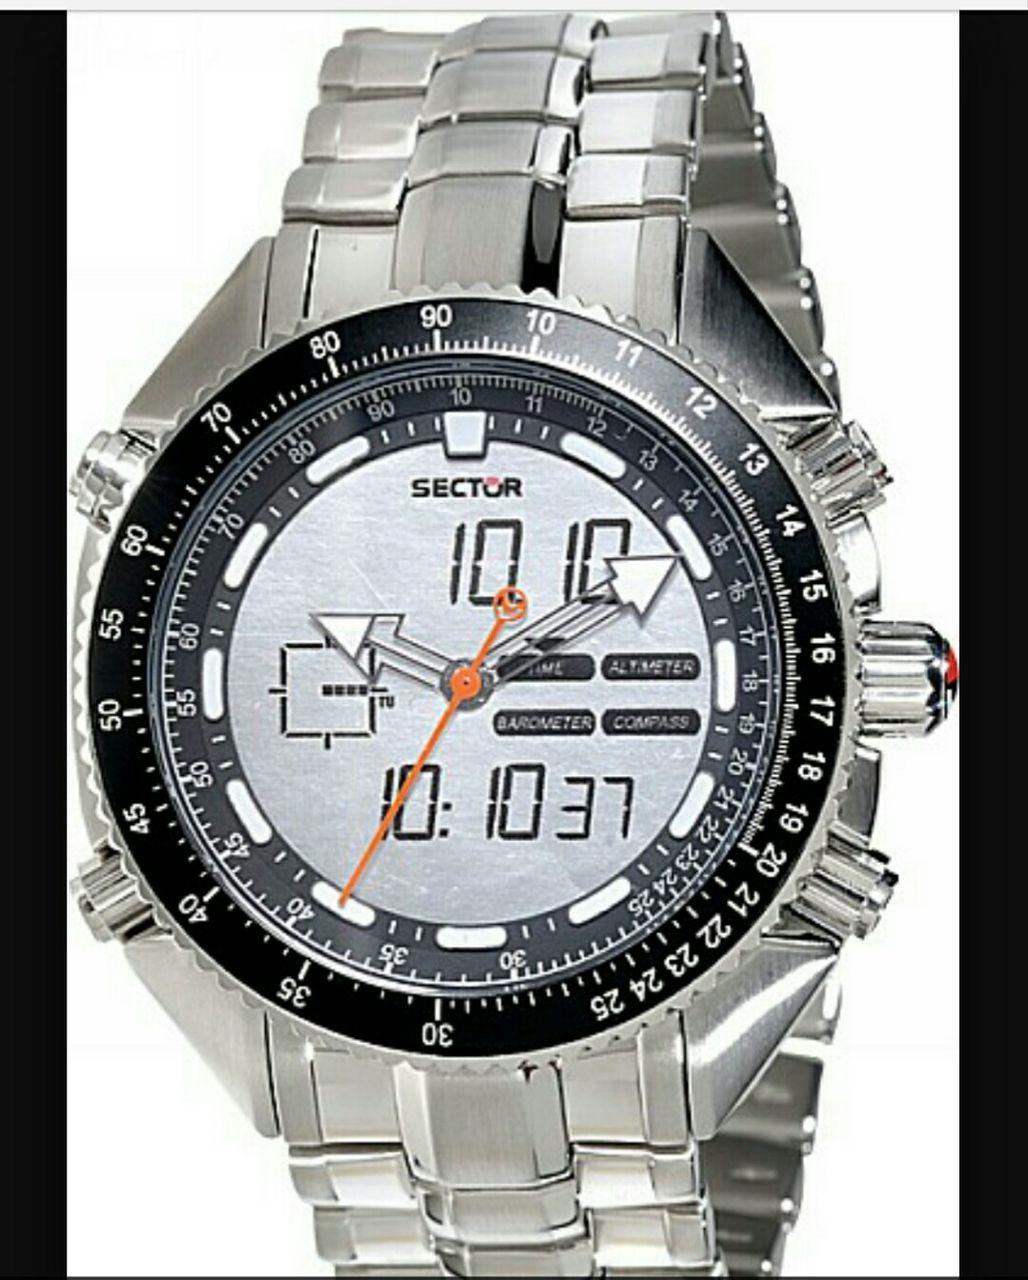 Моделей в наличии — , из них мужских — , женских —  история данной марки часов началась еще в далеком году и выпускала в свет часы philip watch.